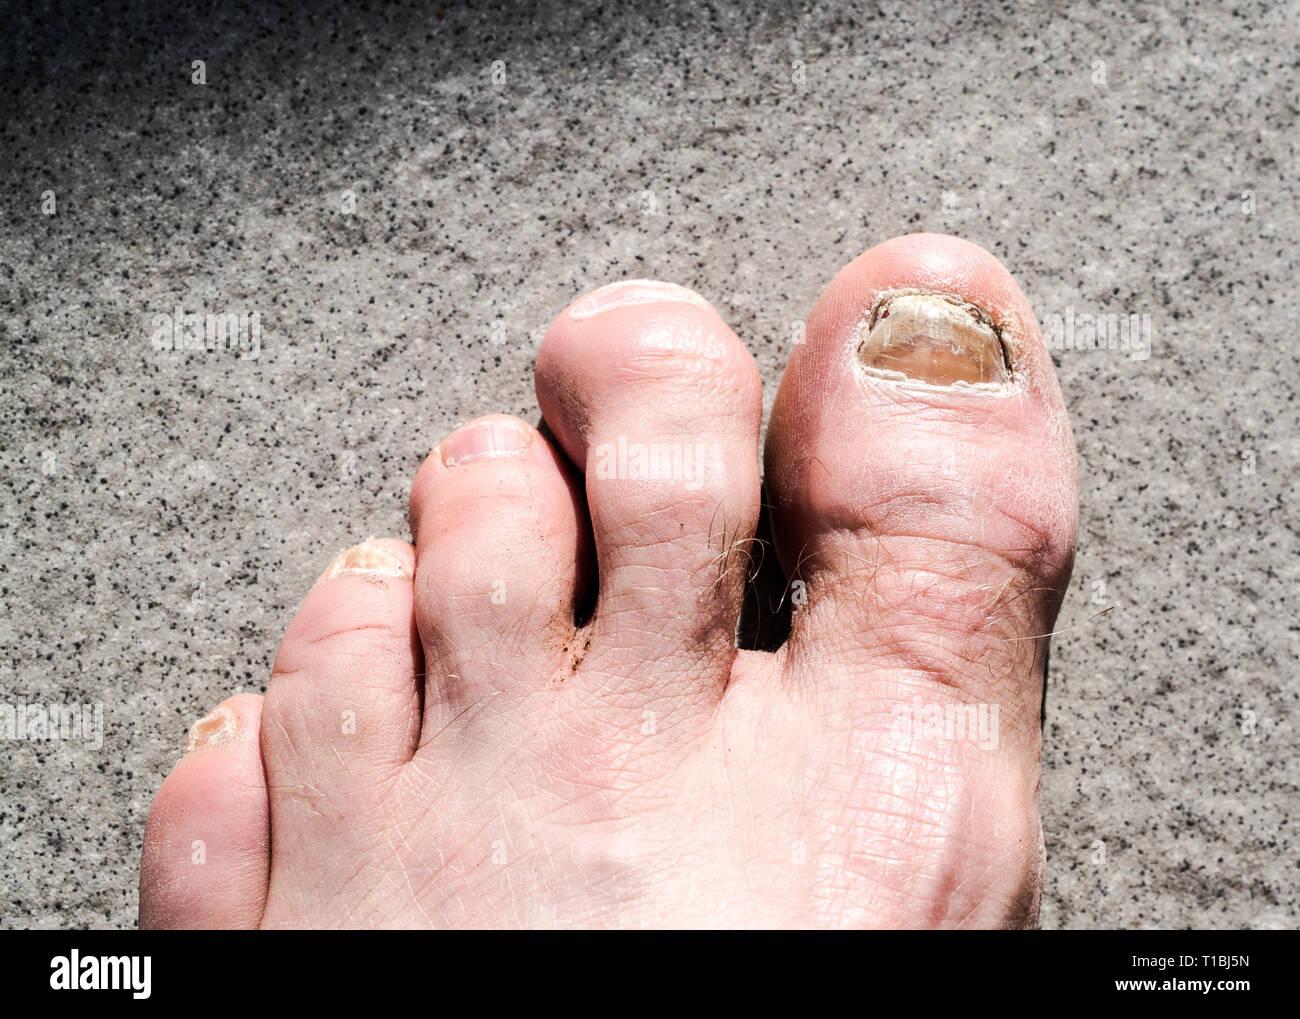 Füße hat mein freund hässliche Hässliche